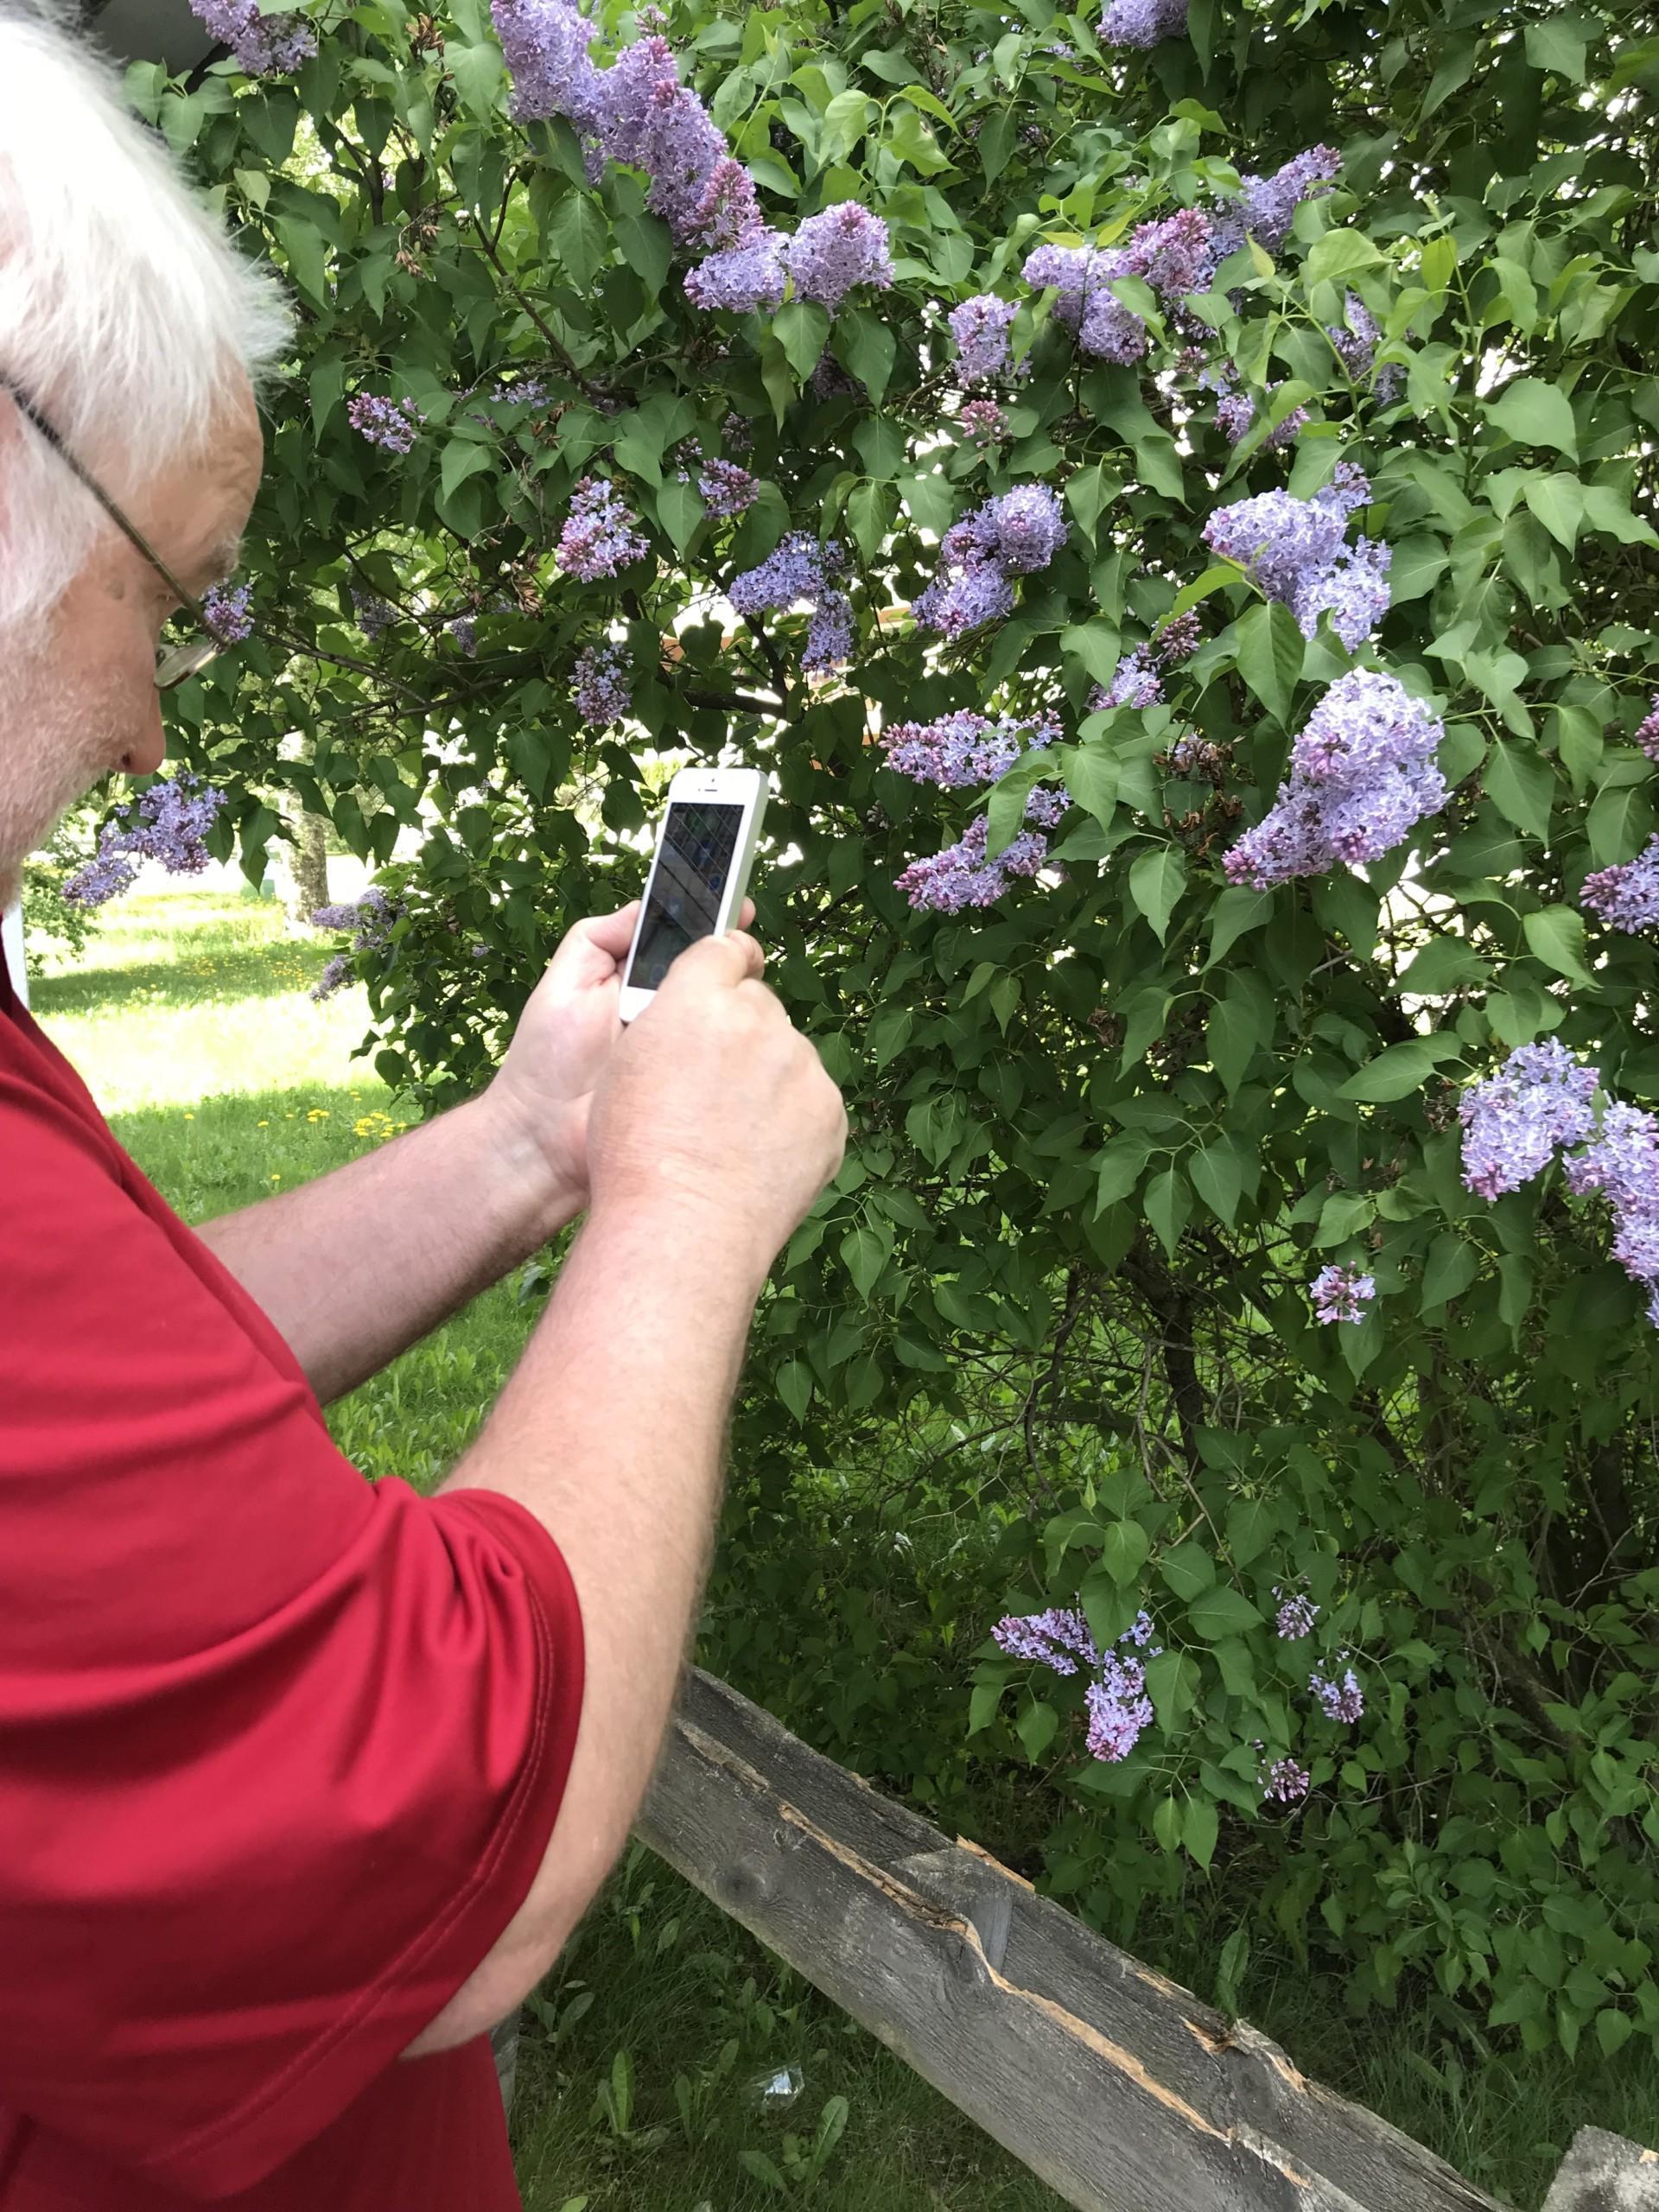 Älypuhelimella on helppo ottaa kuvia luonnosta ja kasveista.